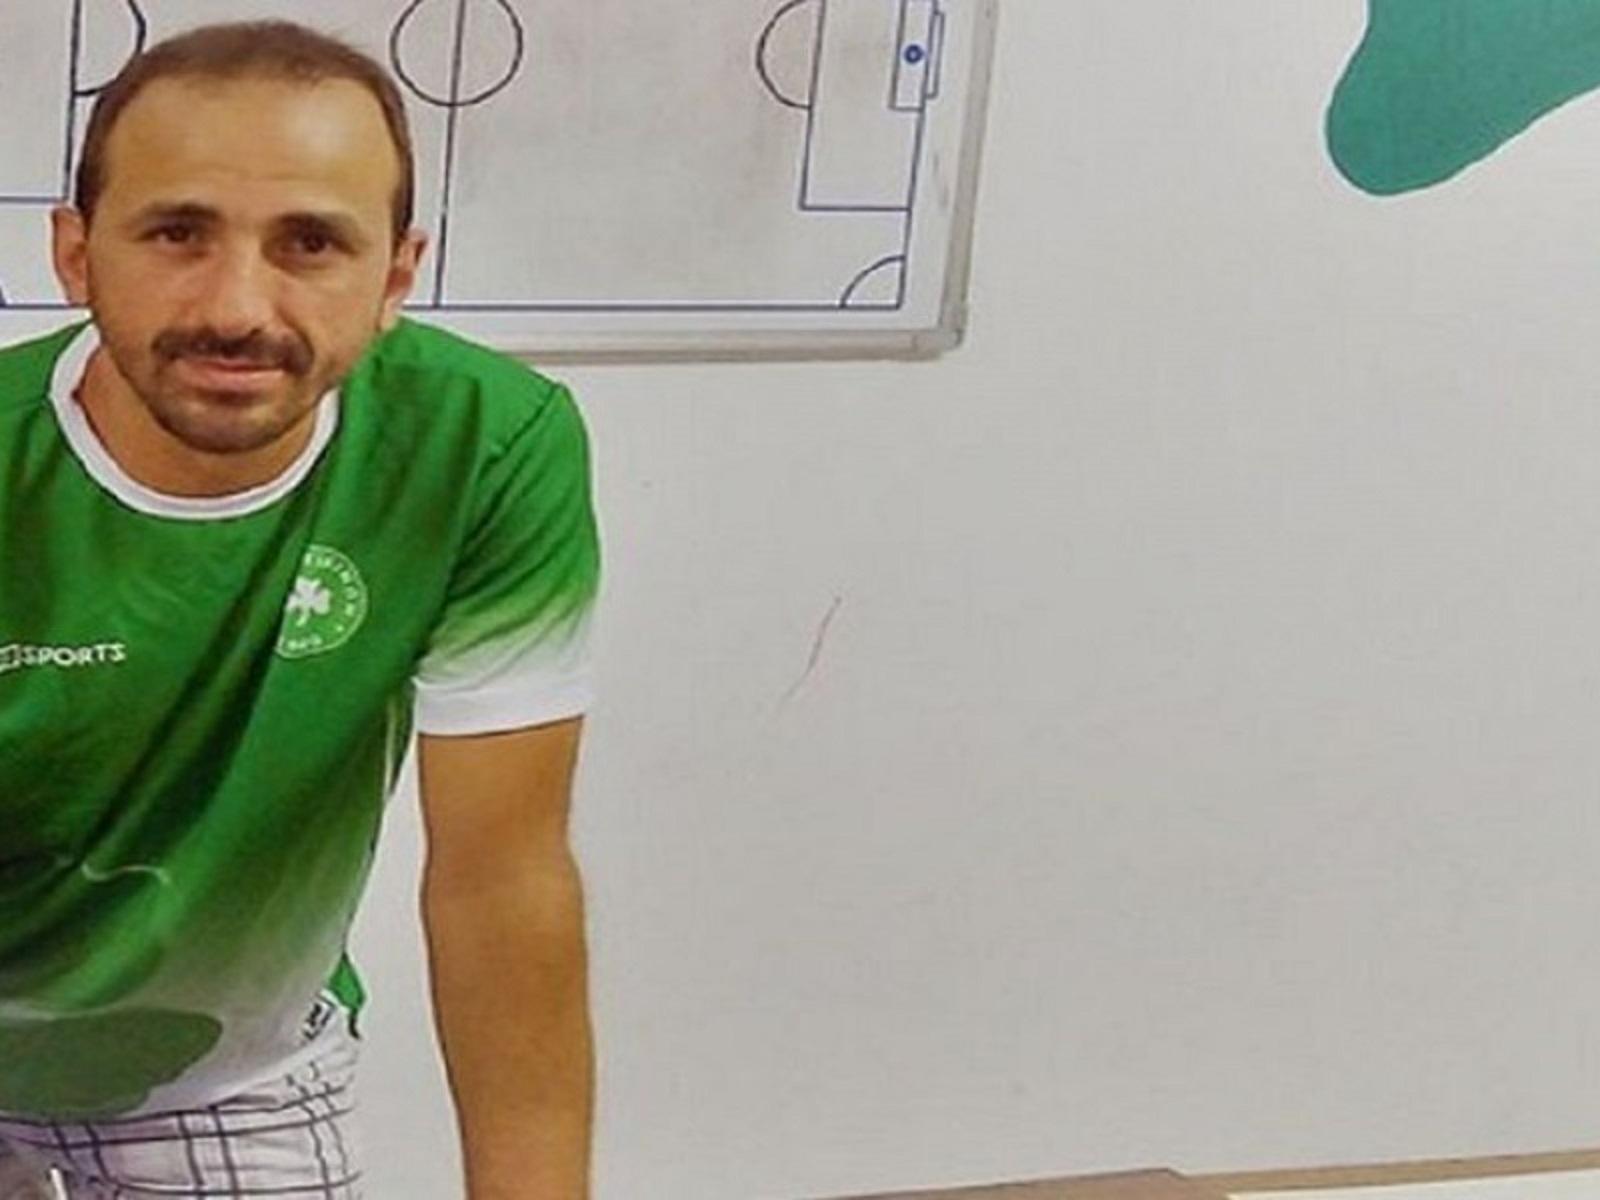 Πένθος στο κρητικό ποδόσφαιρο για τον 36χρονο παίκτη που βρέθηκε απαγχονισμένος